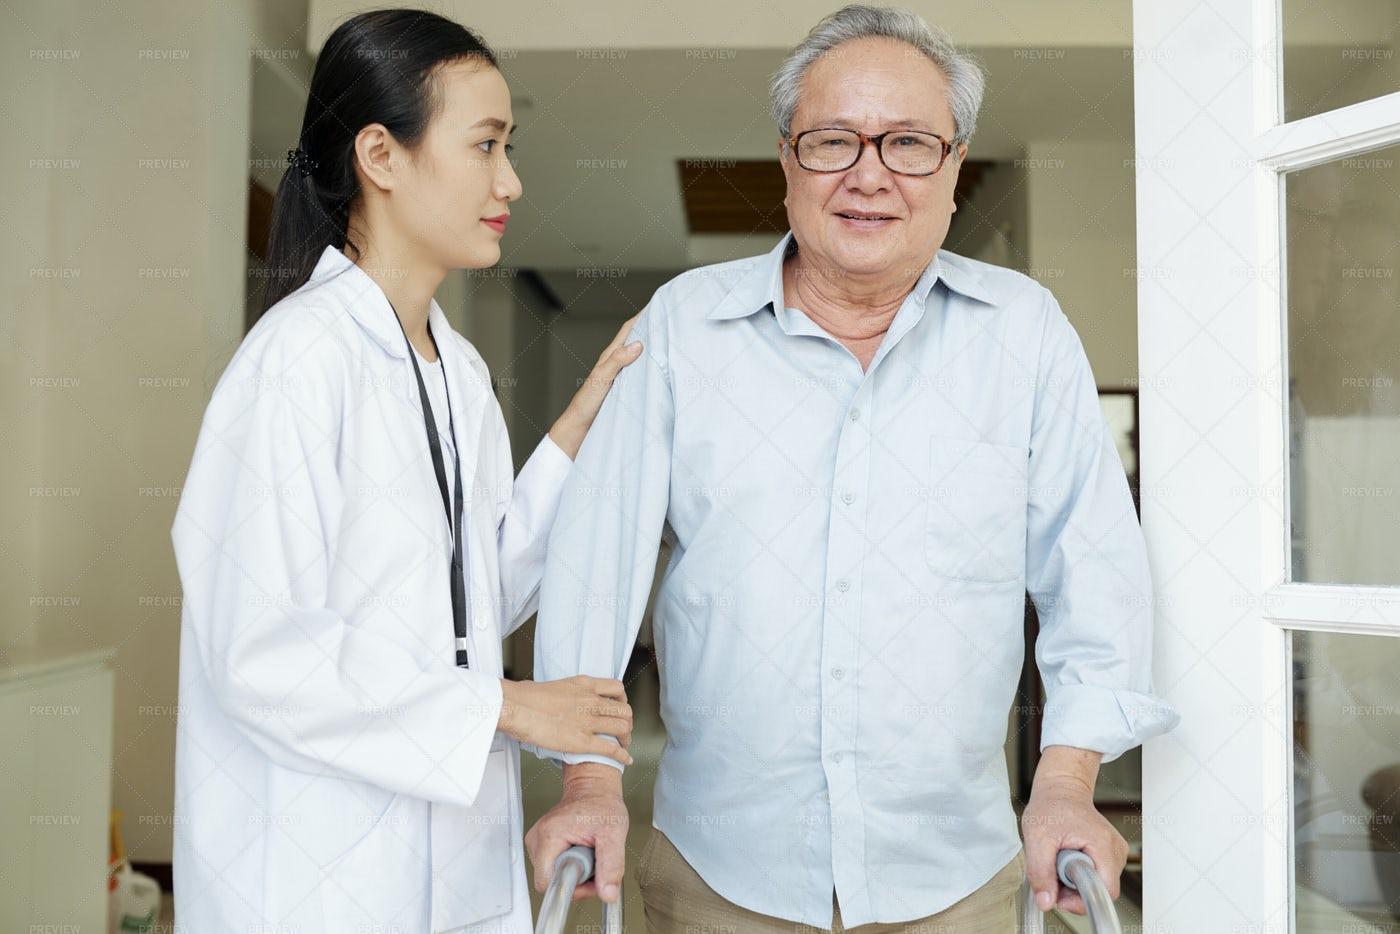 Nurse Helping Young Man To Move: Stock Photos